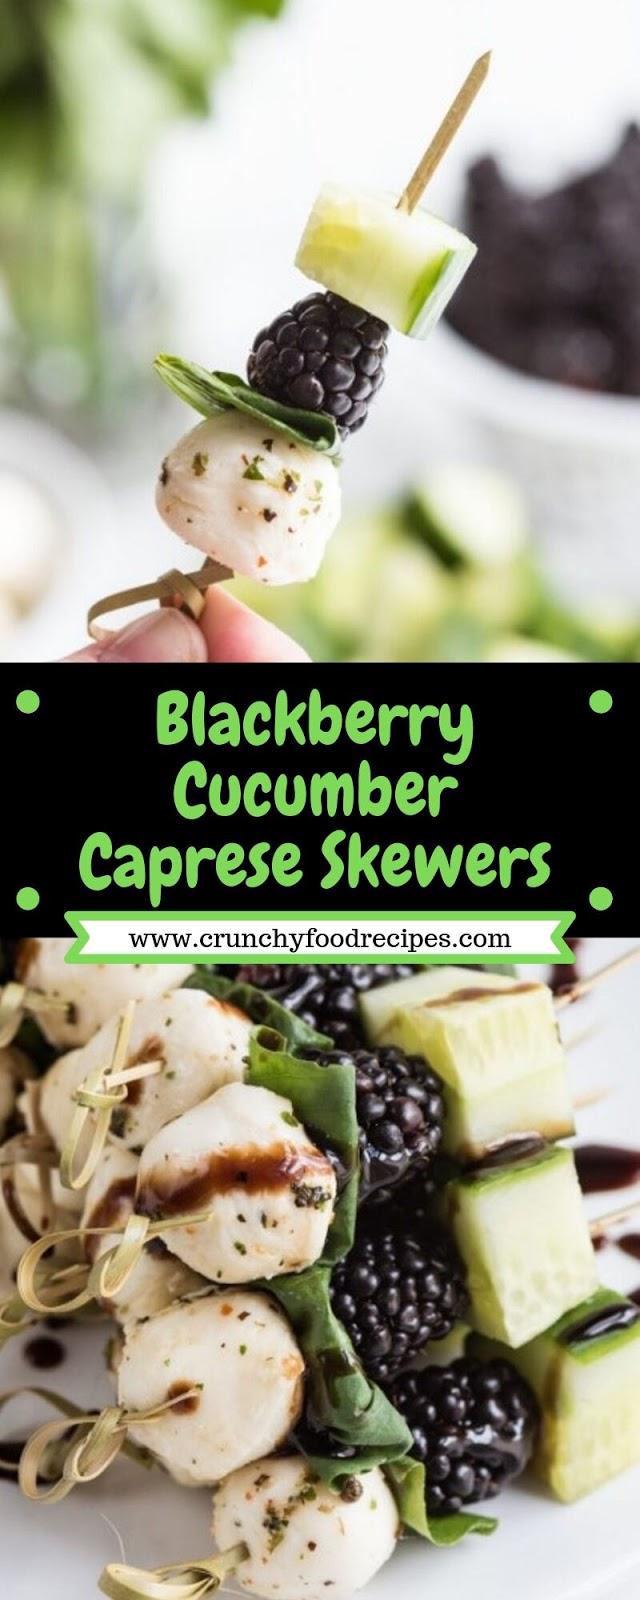 Blackberry Cucumber Caprese Skewers